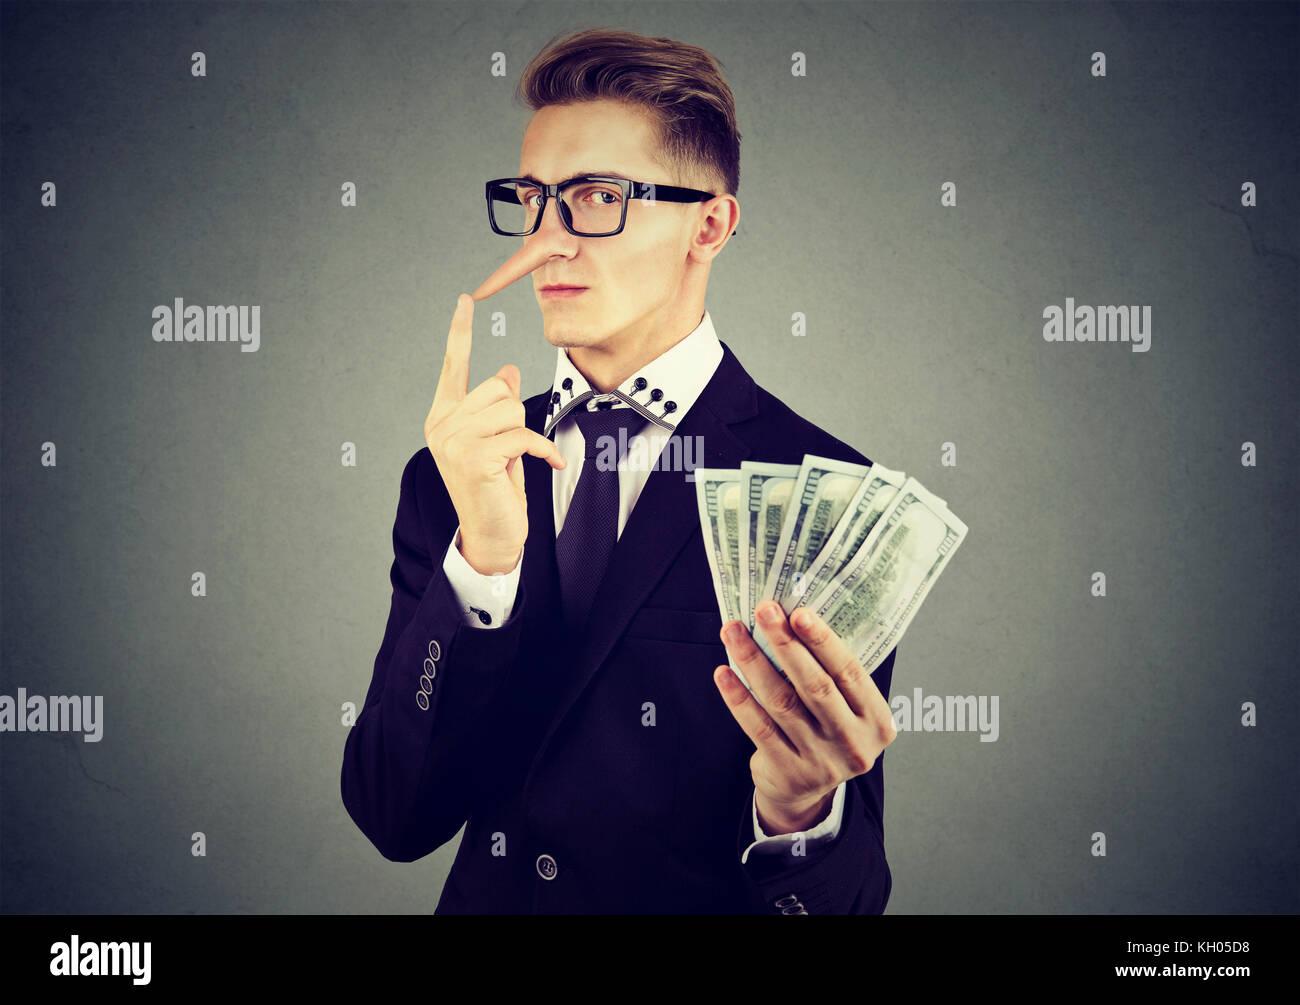 Concepto de fraude financiero. mentiroso joven hombre de negocios en traje y gafas con dólares en efectivo Imagen De Stock